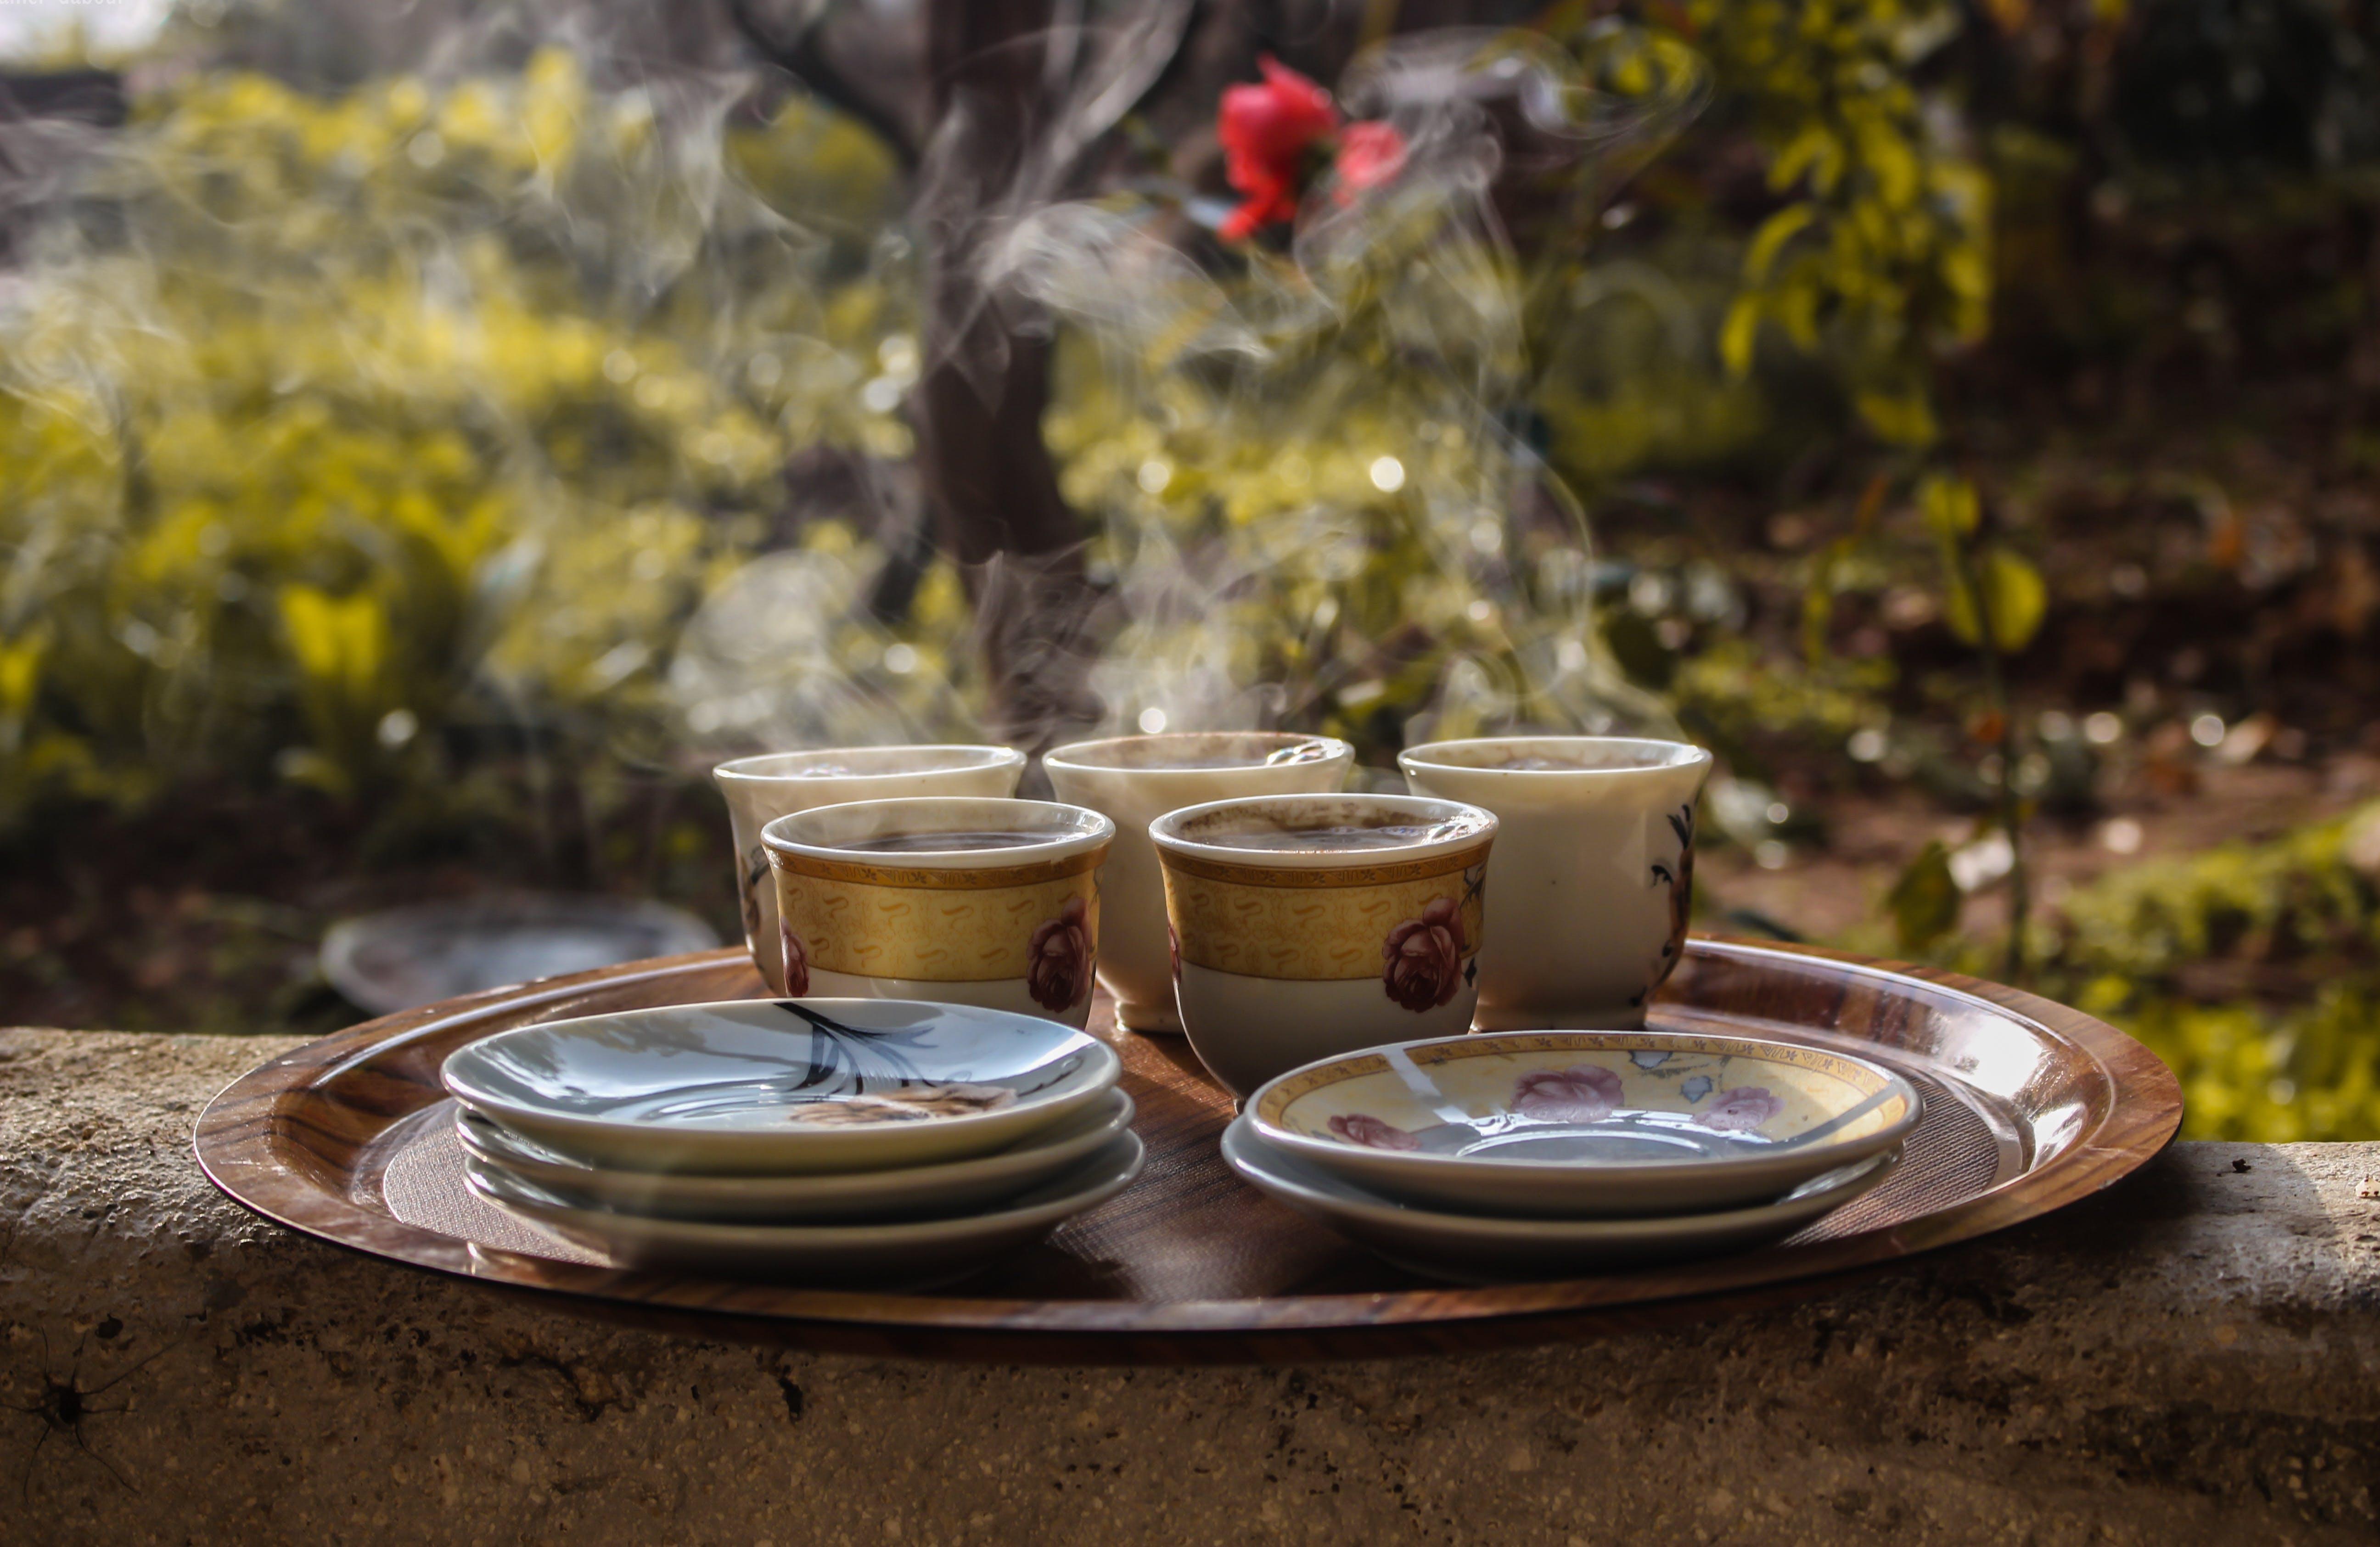 buğu, Çay, çekici, içki içeren Ücretsiz stok fotoğraf